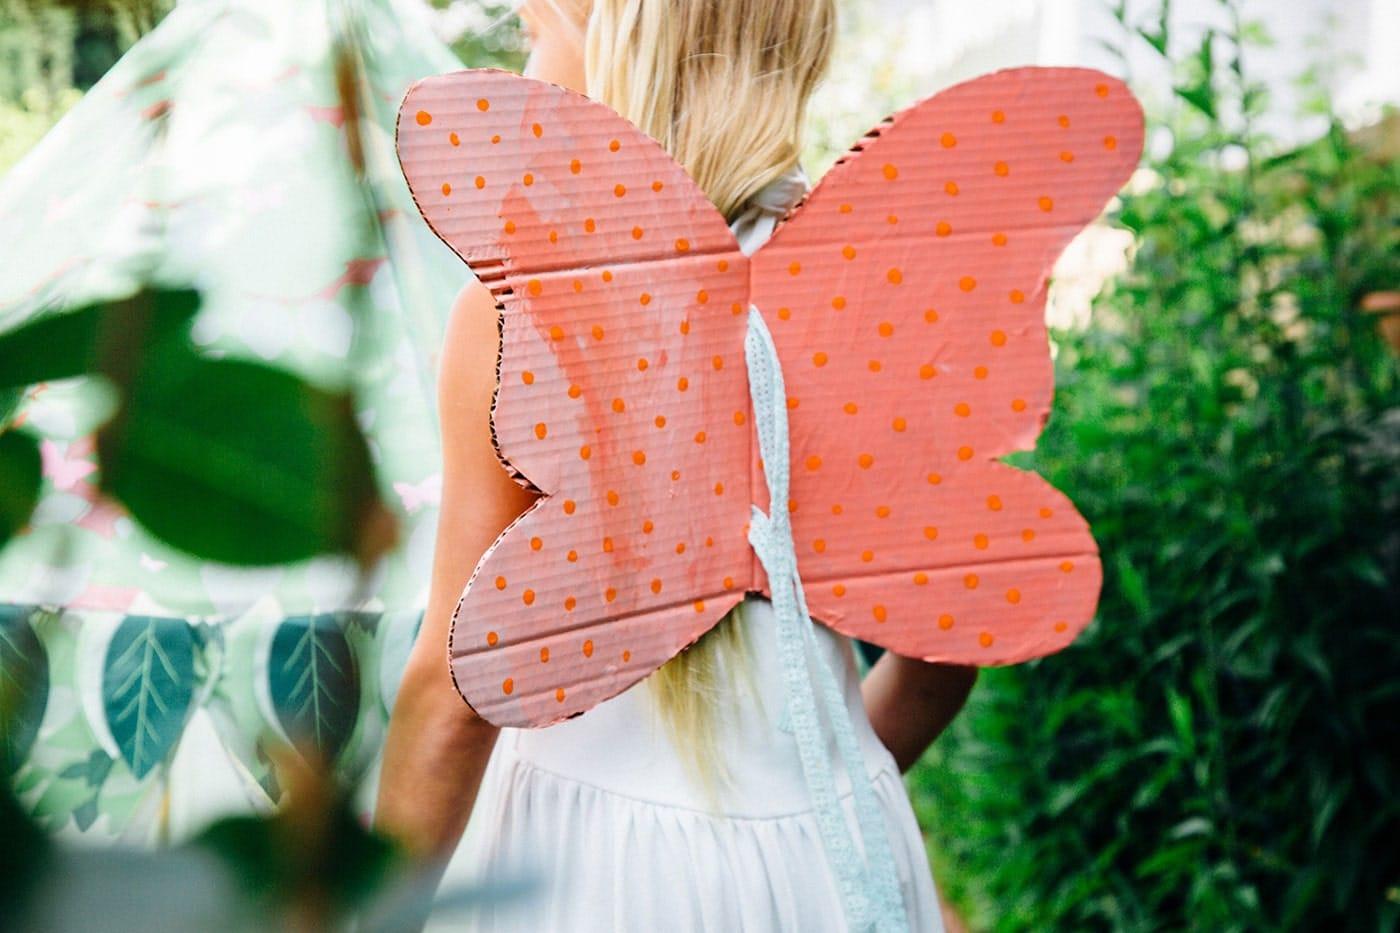 ساخت بال پروانه کودکانه